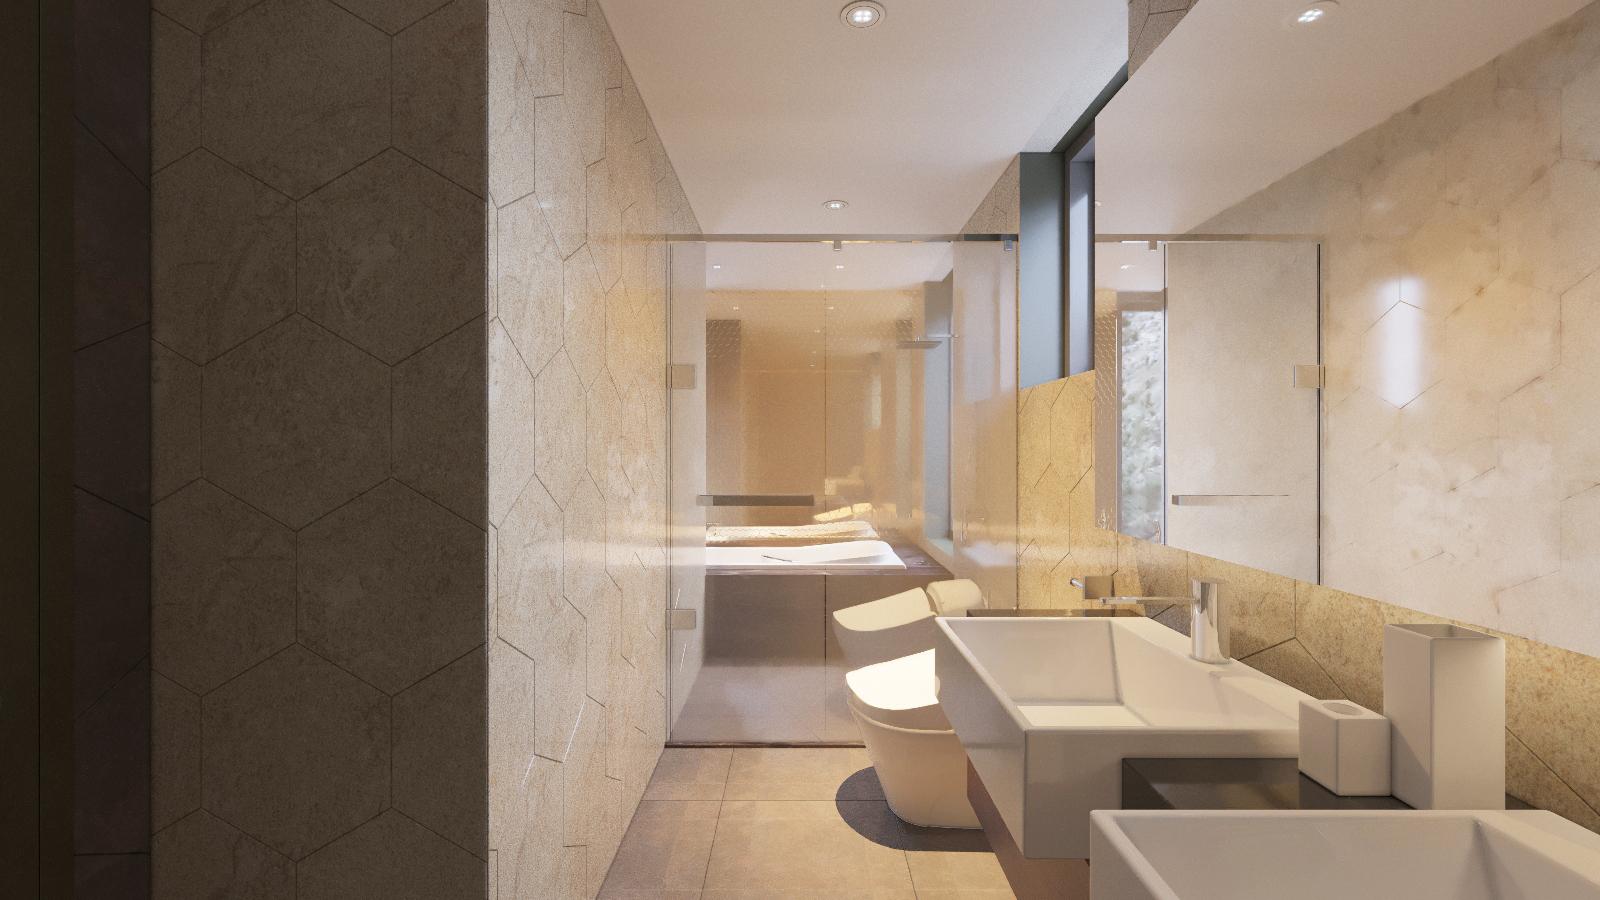 thiết kế Nội thất Biệt Thự 3 tầng biệt thự bt25 splendora mới (lakeside splendora)200